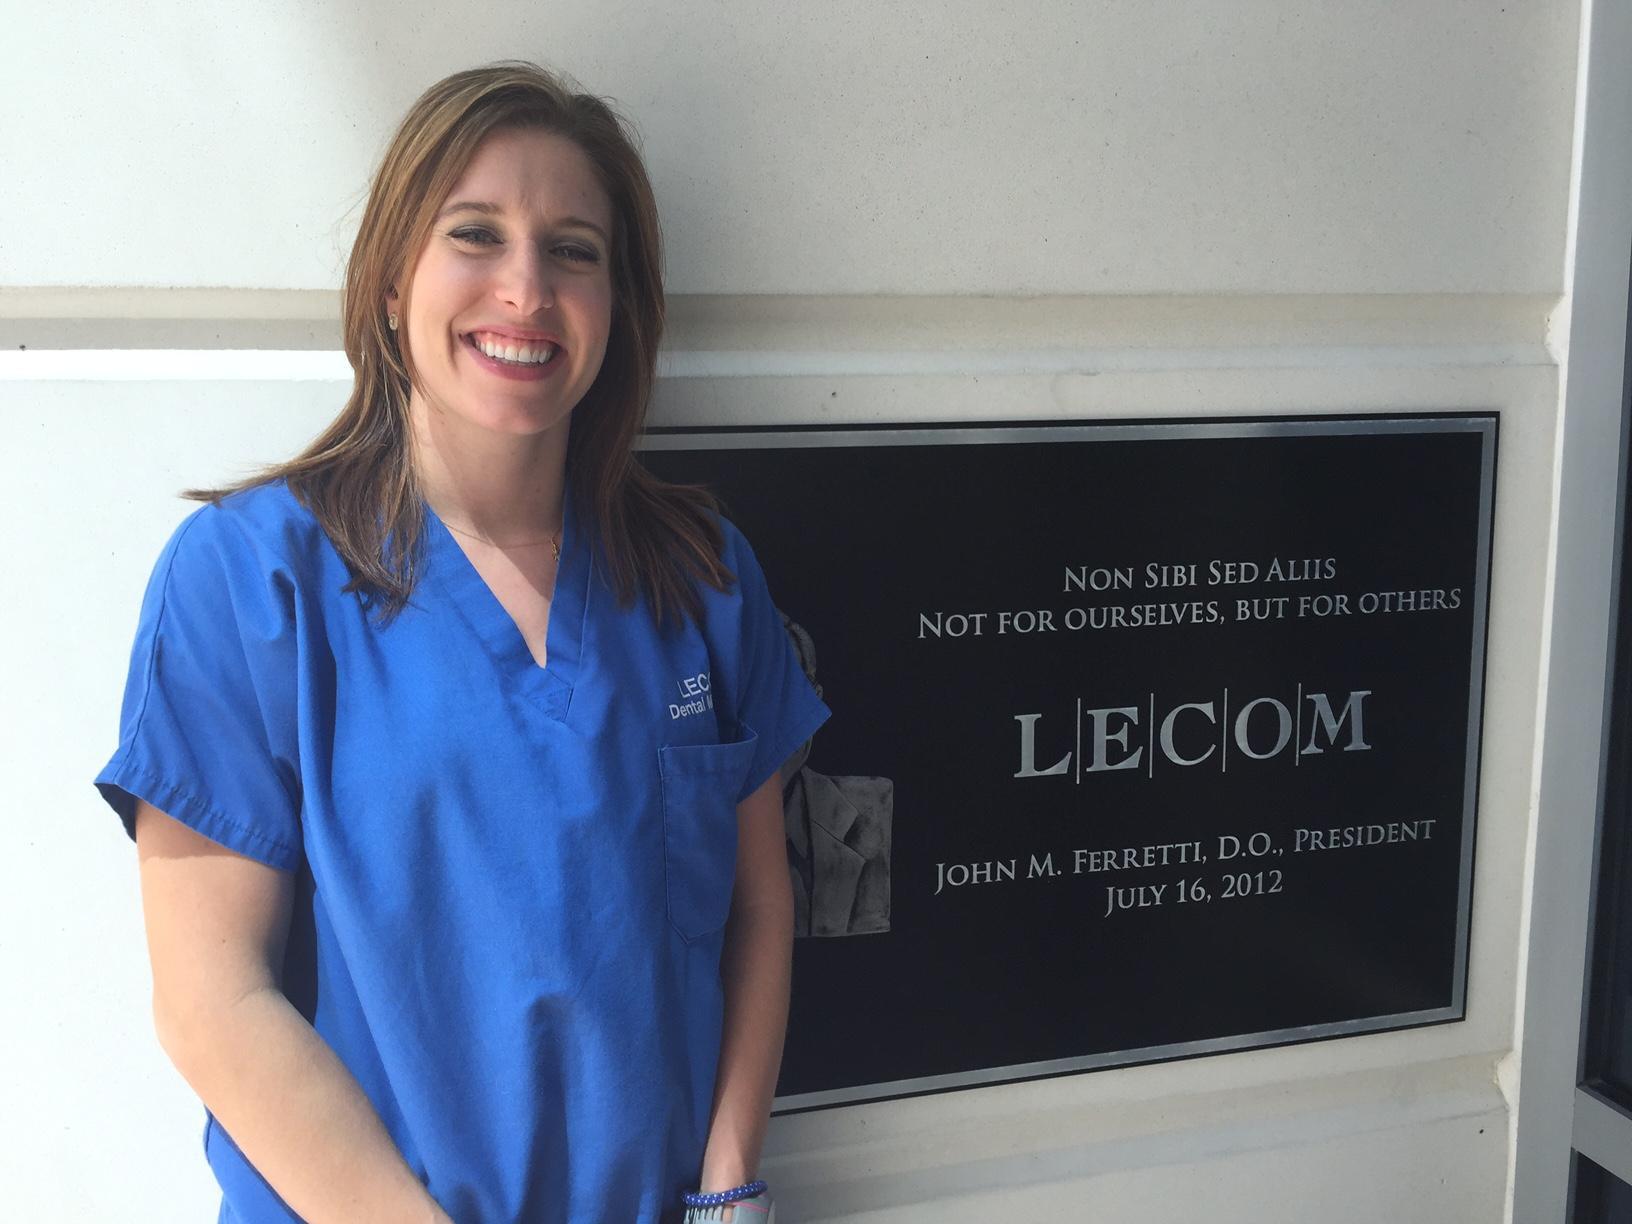 Debt, Not Dreams Deciding Dentists' Future | Health News Florida